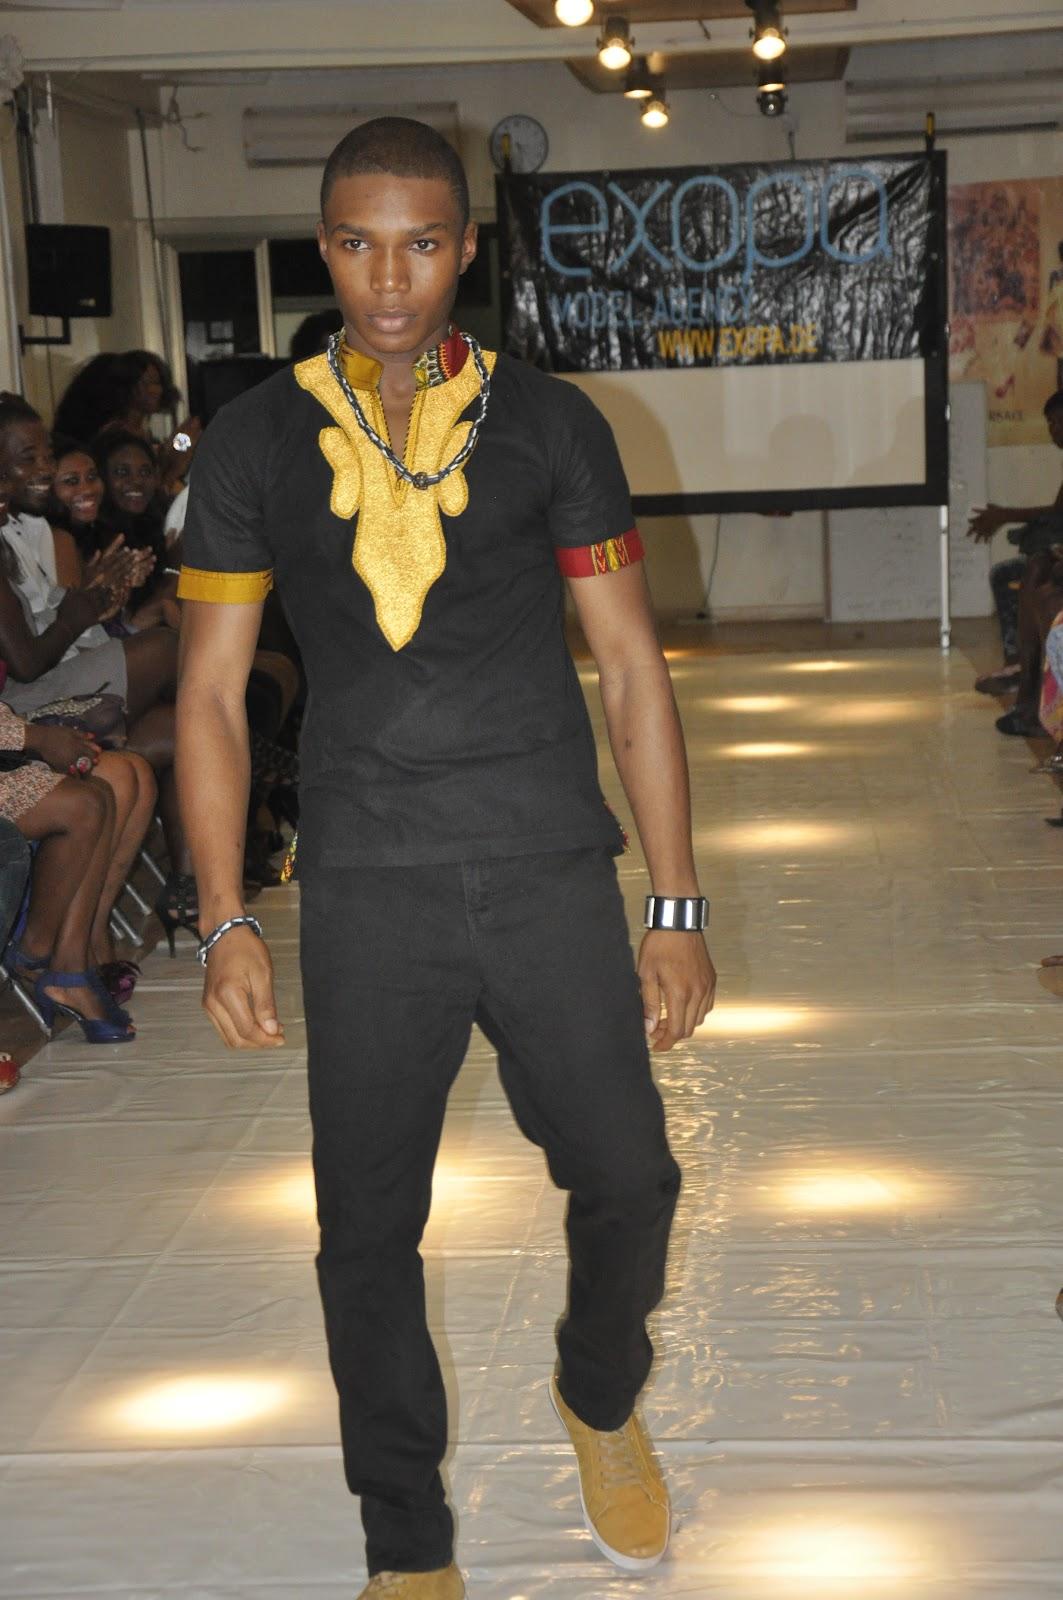 http://4.bp.blogspot.com/-TMICvUJLl9w/UBLBwhydyYI/AAAAAAAAERI/VWNUiu6fTmA/s1600/Odey+Ibrahim+Peter+2.jpg